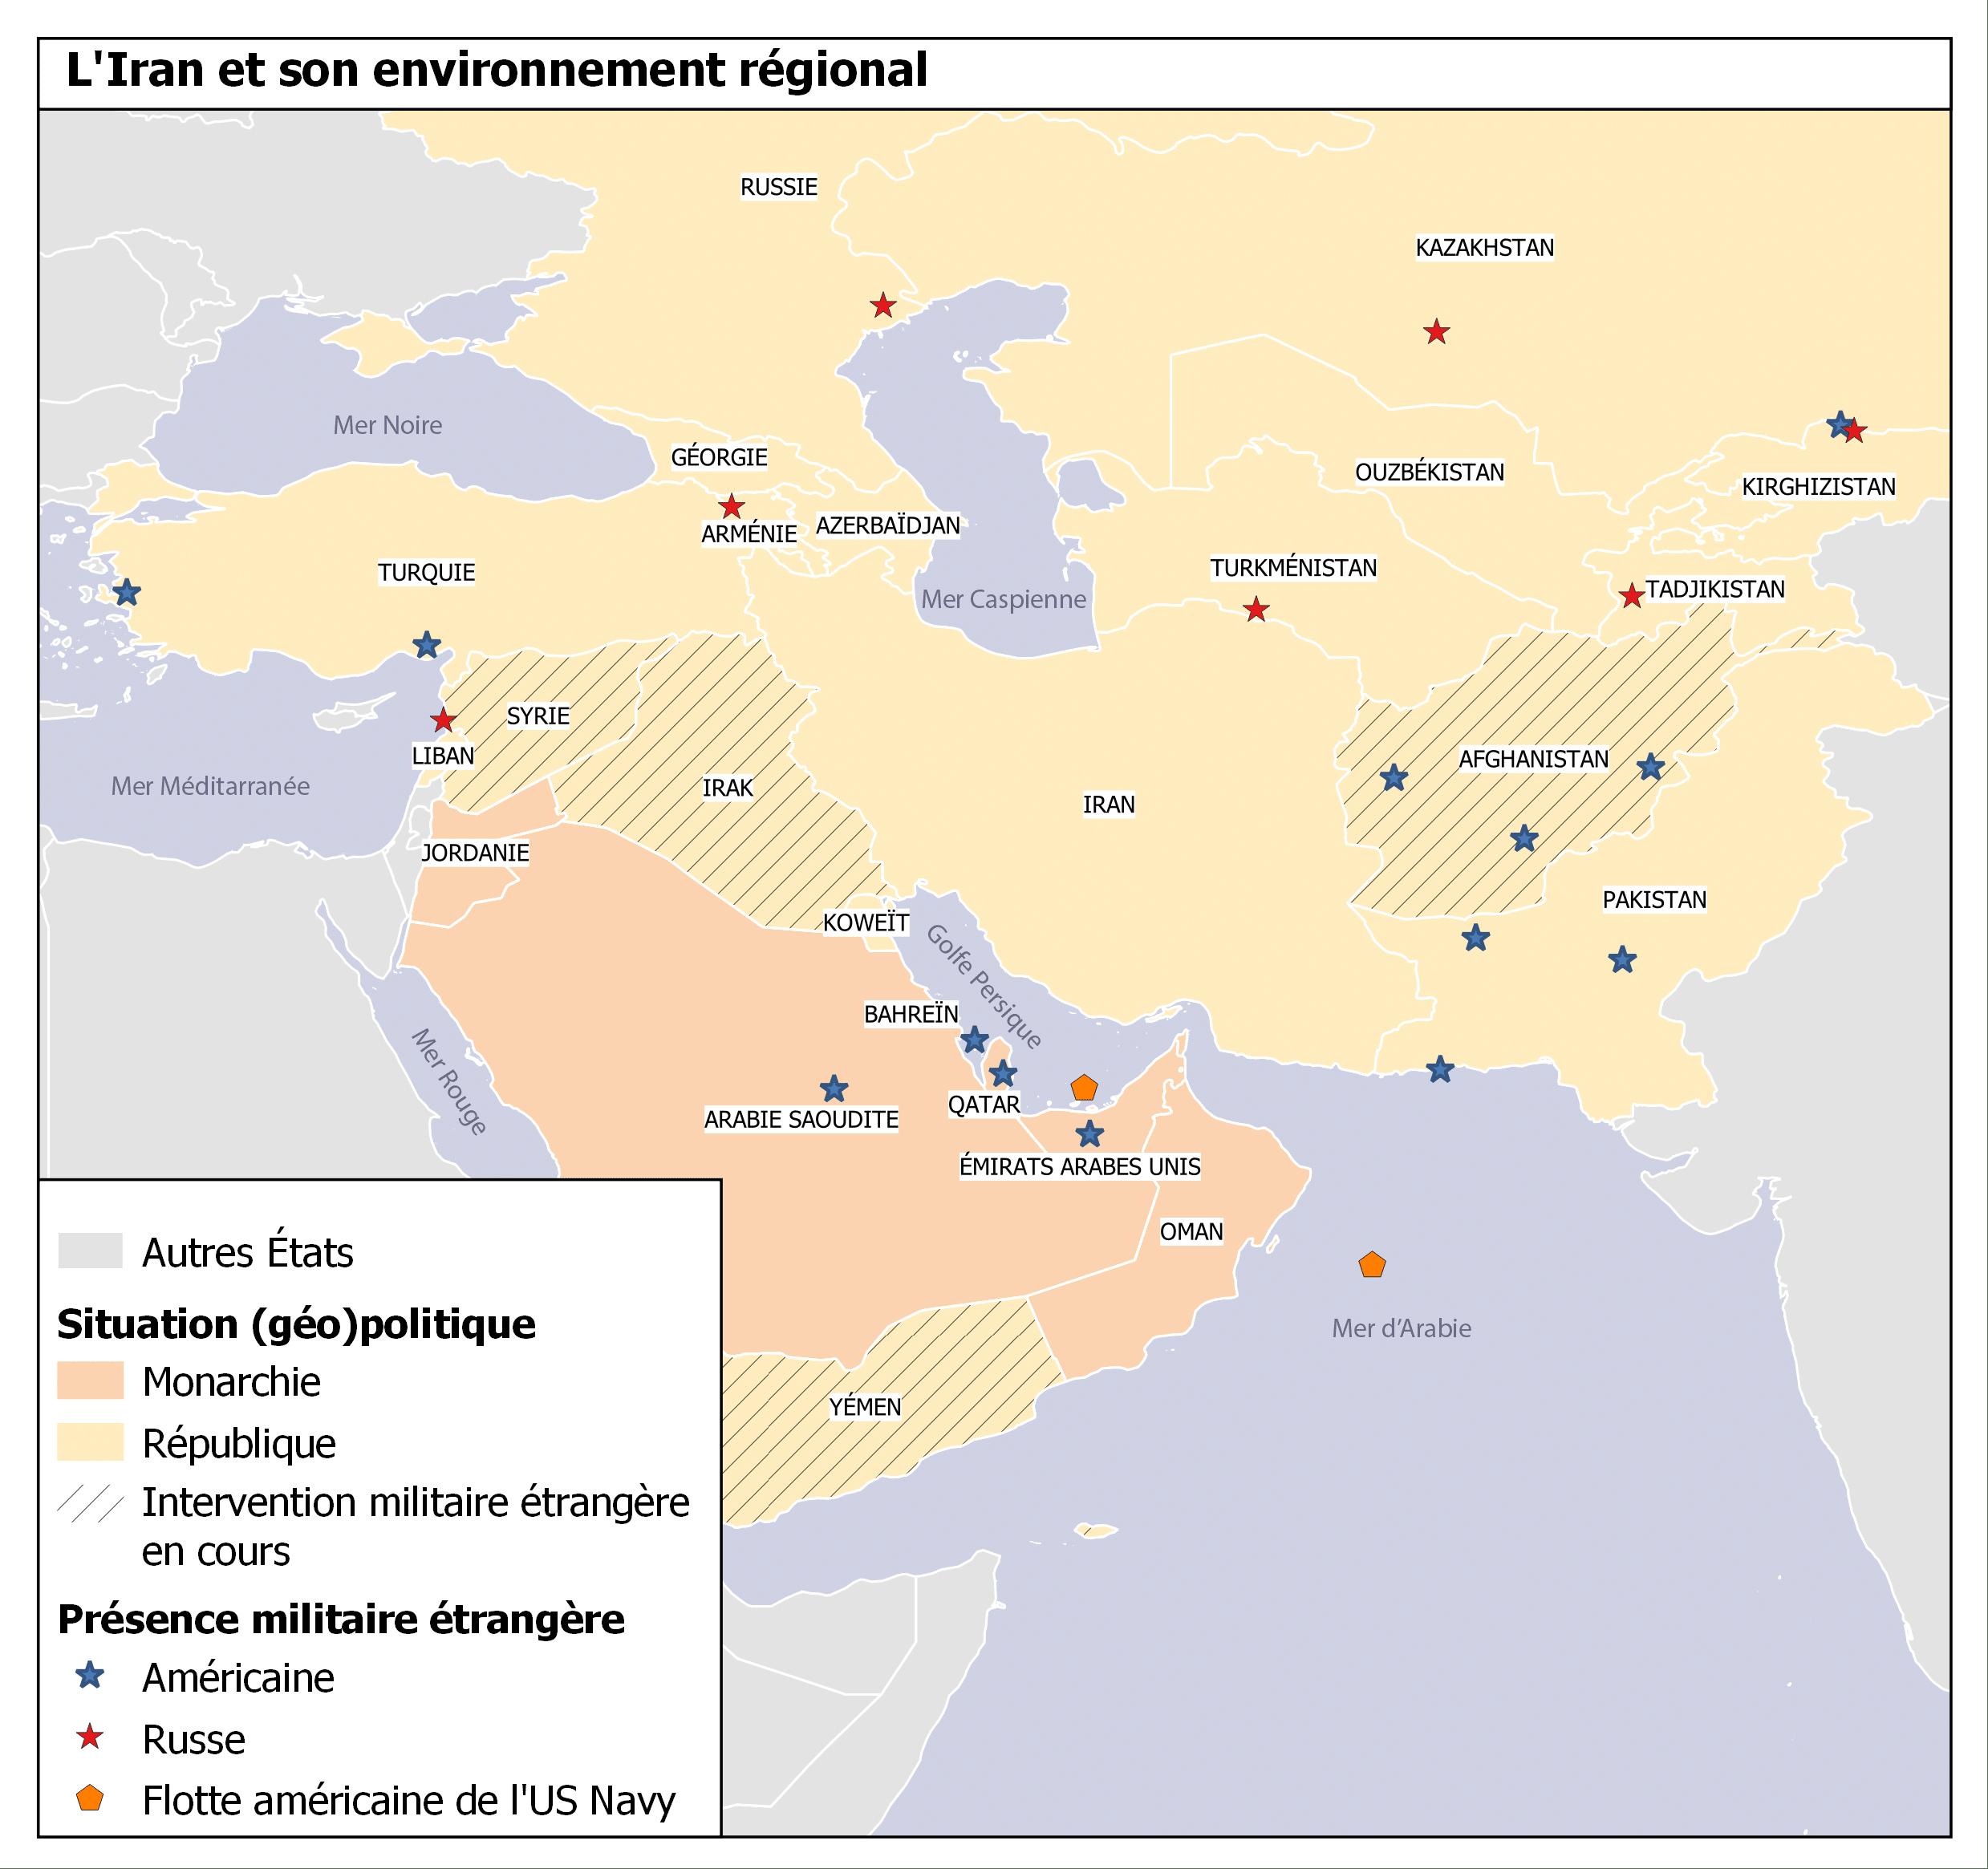 L'Iran et le conflit syrien: renforcement du «front de la résistance»